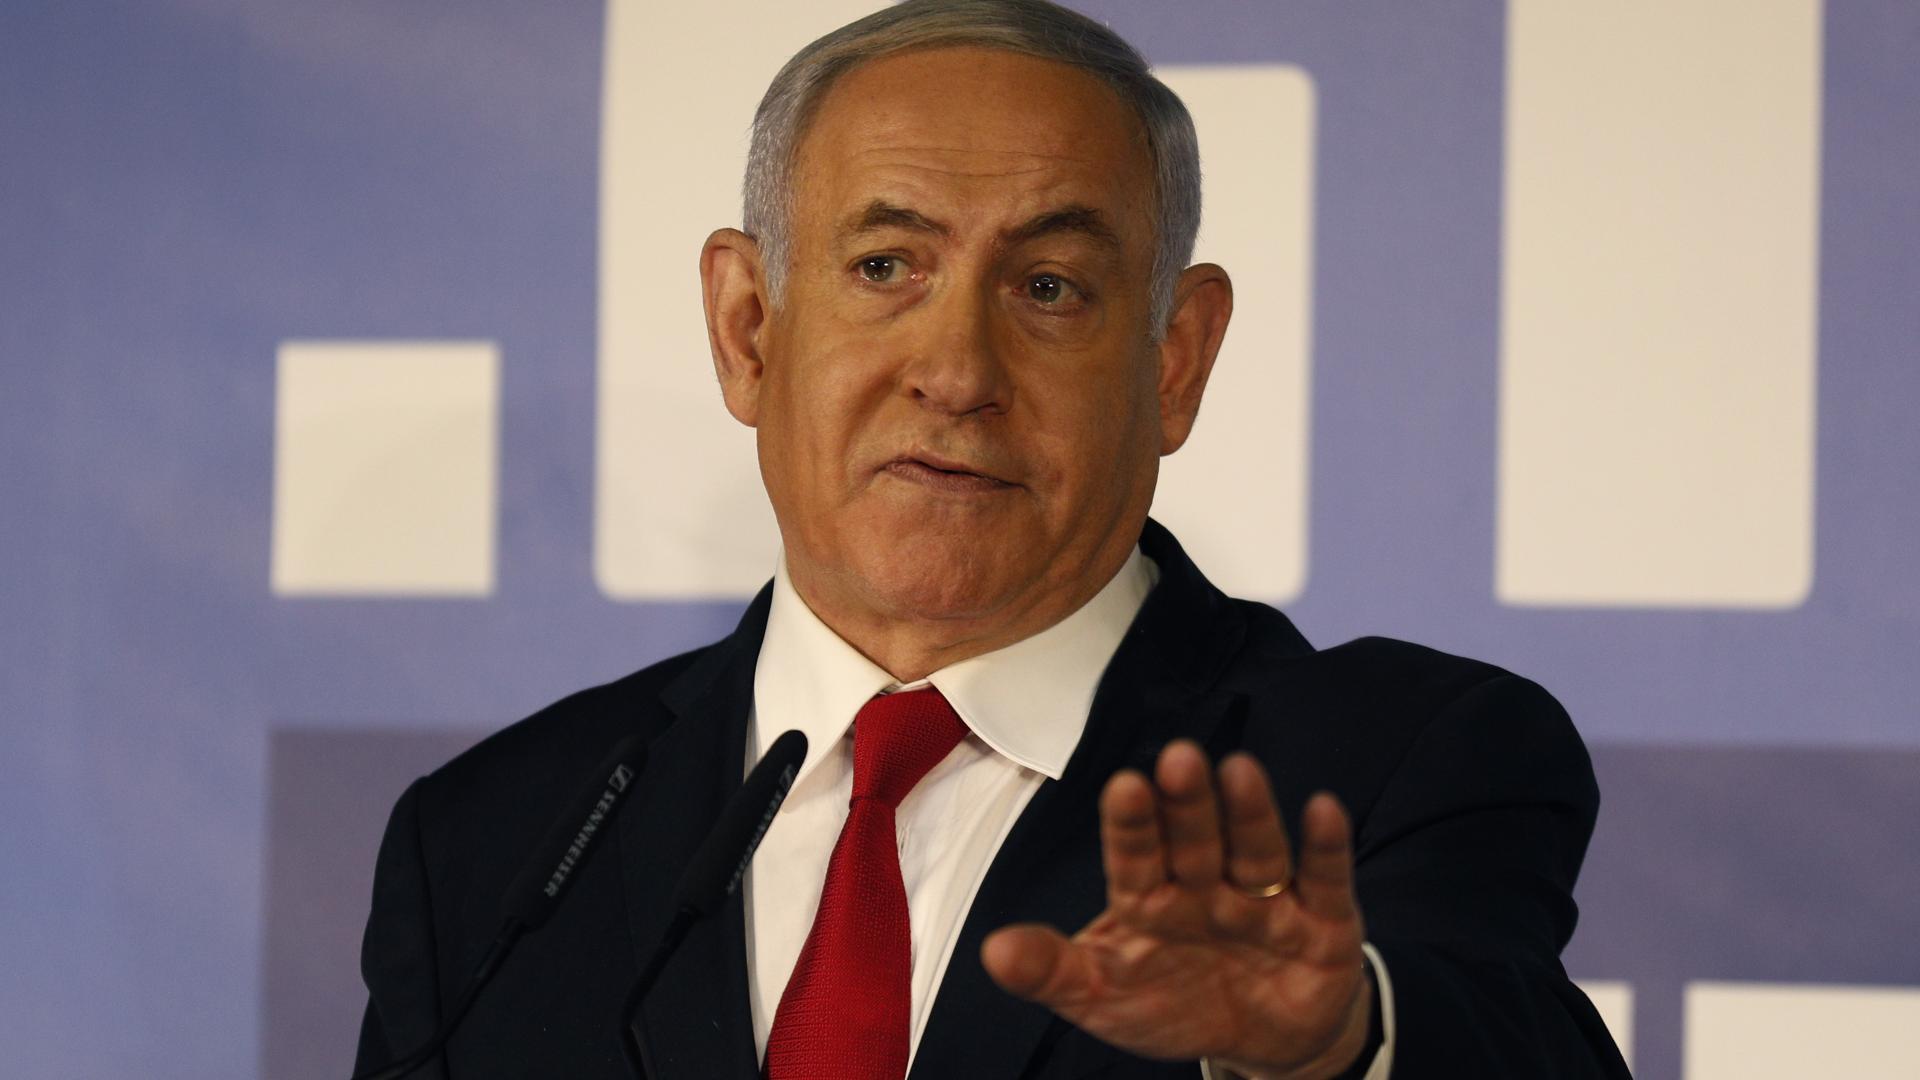 """نتنياهو يرد على اتهامات بـ""""الرشوة والاحتيال وخيانة الأمانة"""""""